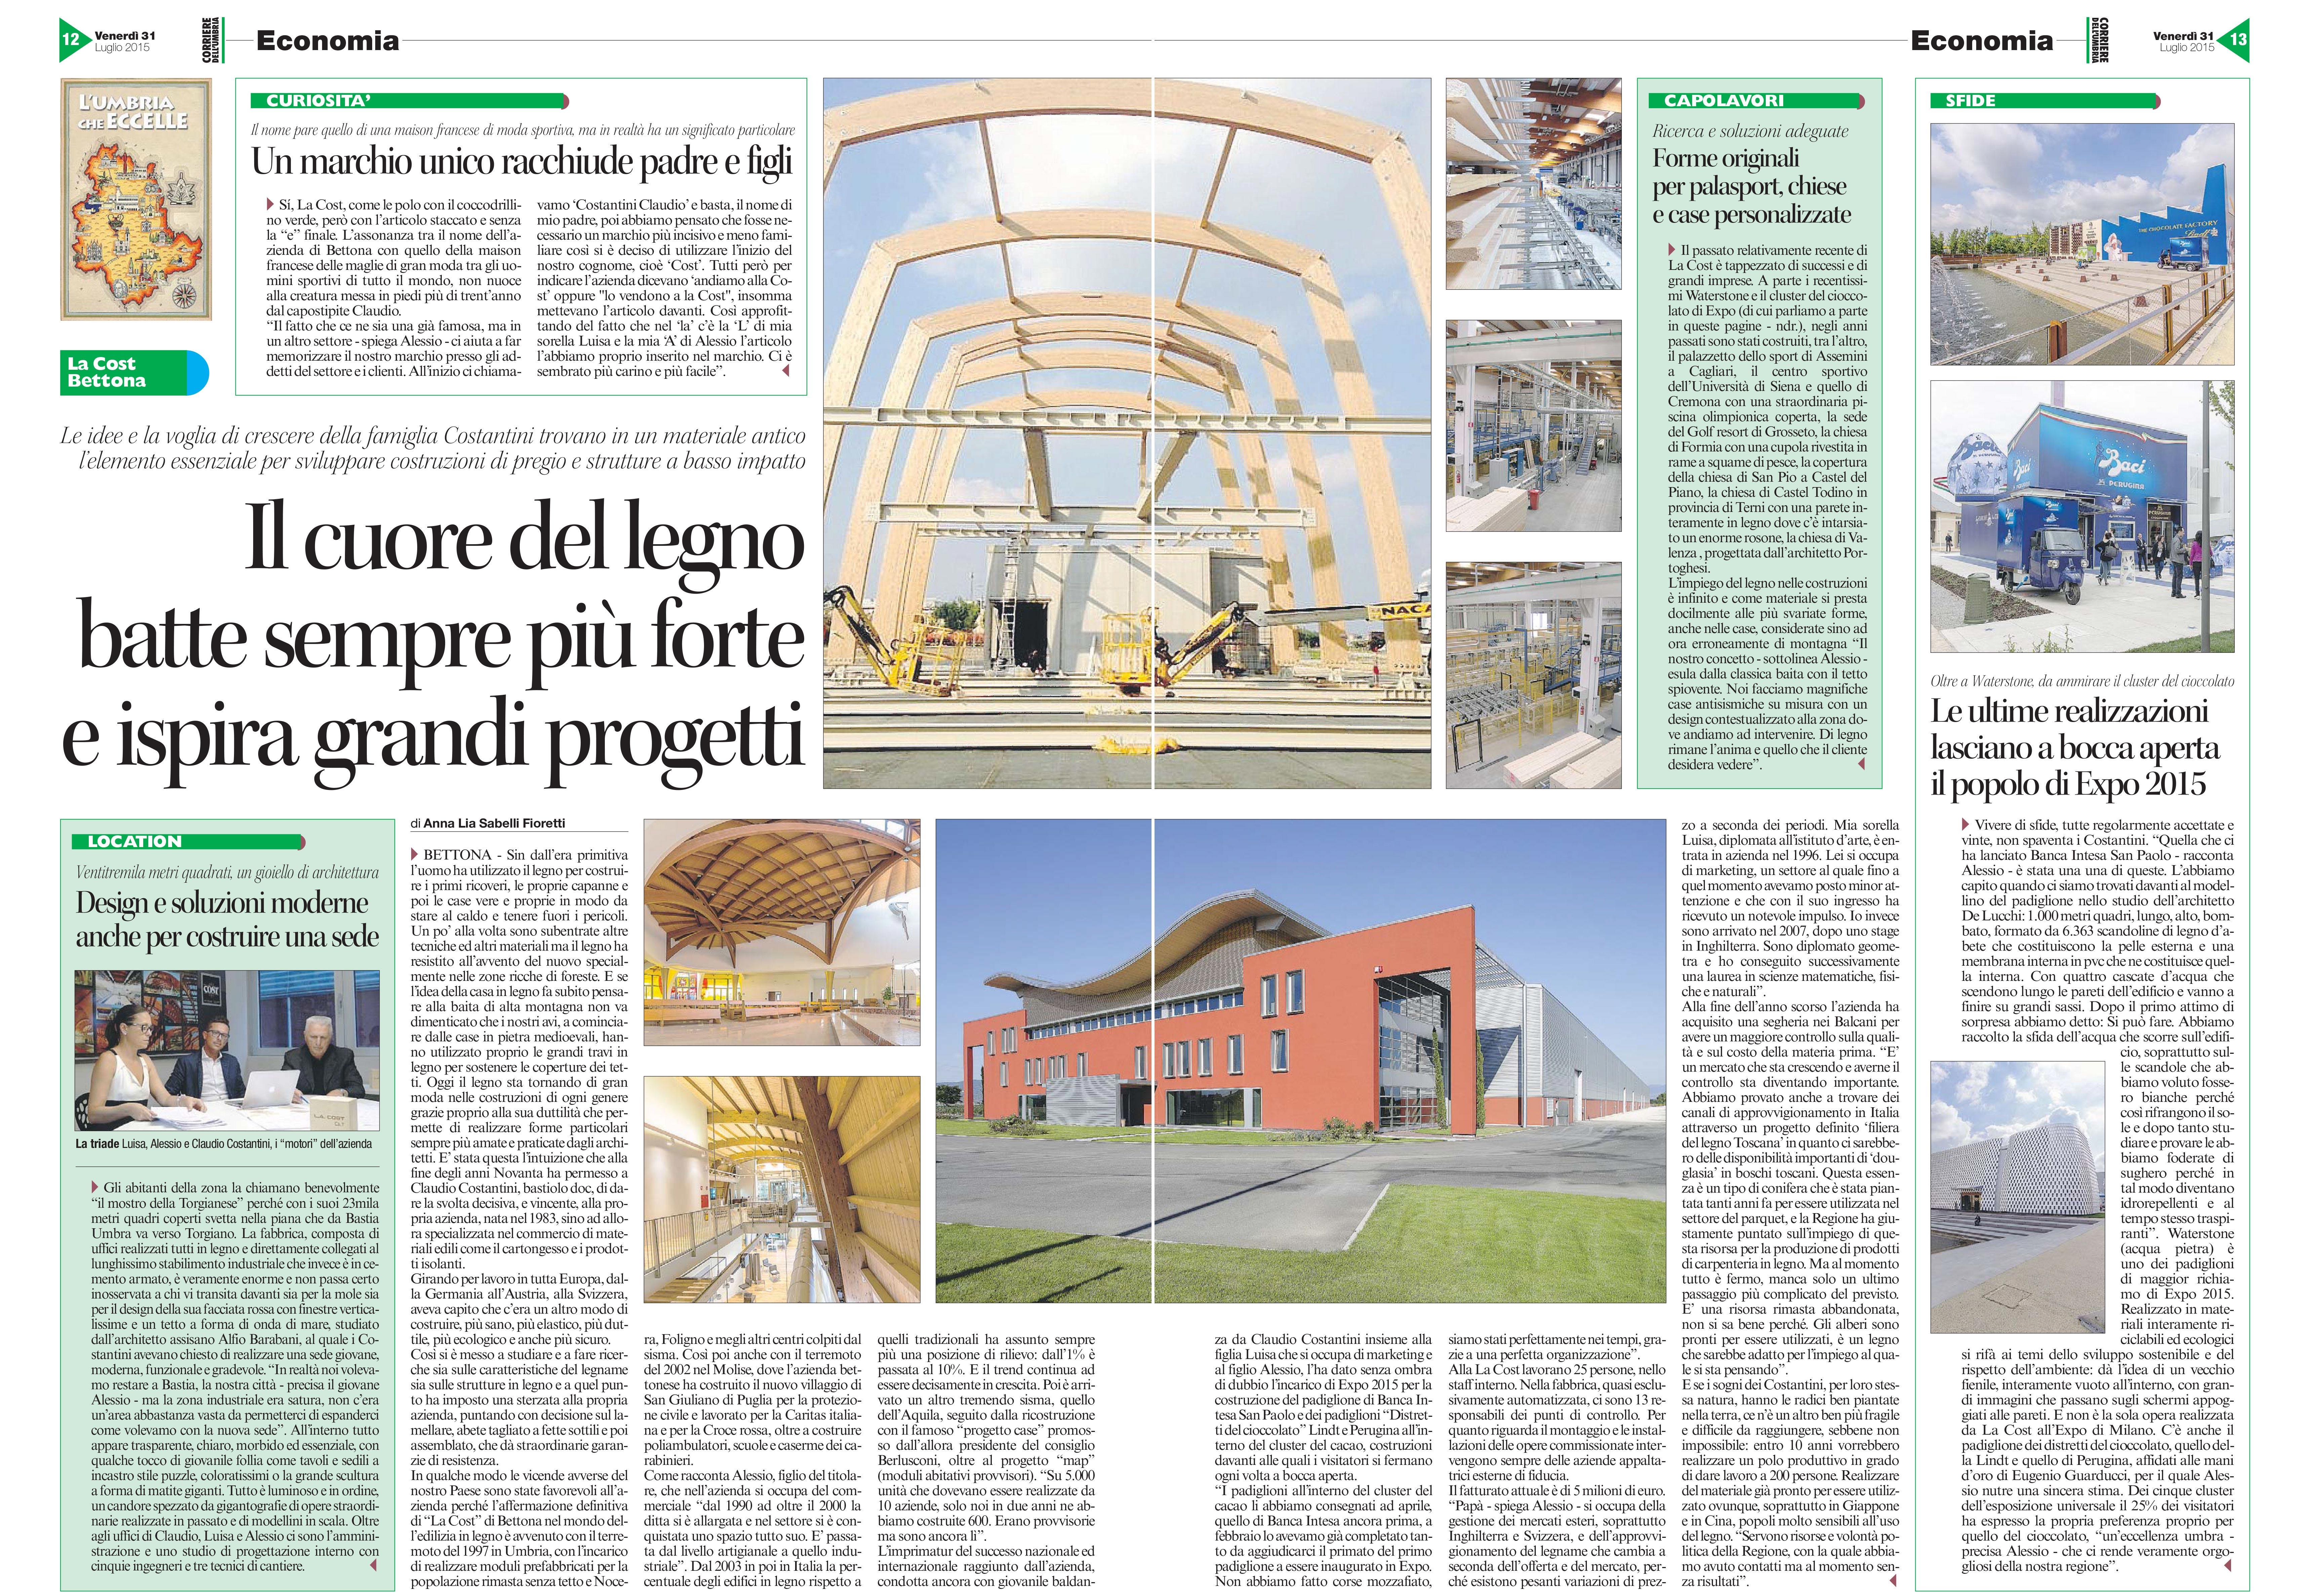 L'umbria-che-eccelle-LA-Cost---Corriere-dell'Umbria-01b